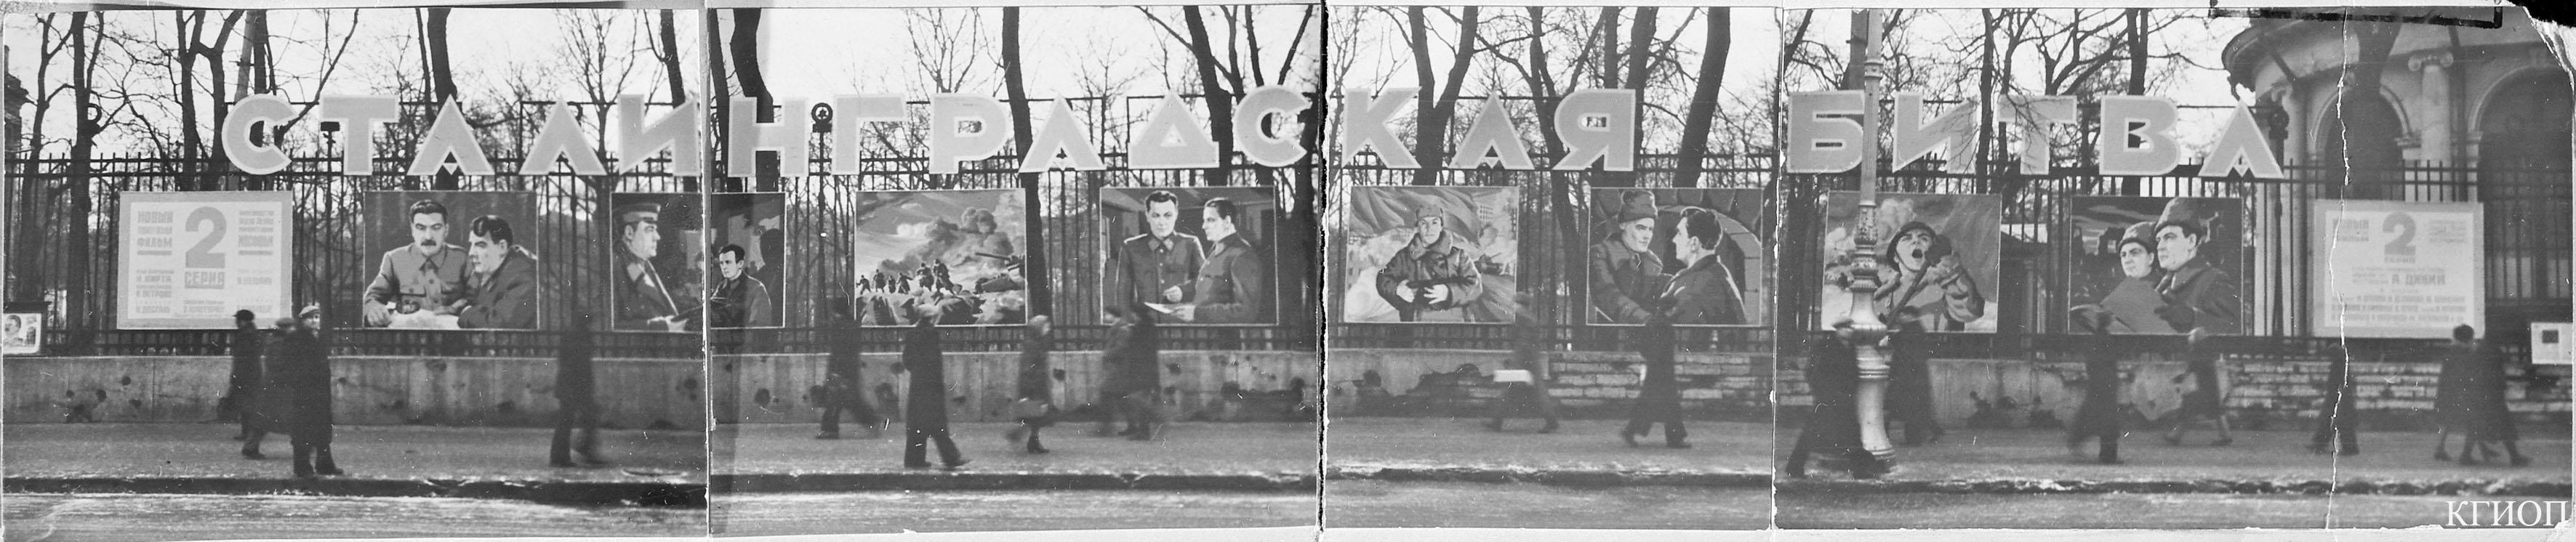 1949. Афиша 2-й серии художественного фильма «Сталинградская битва» на ограде Аничкова дворца